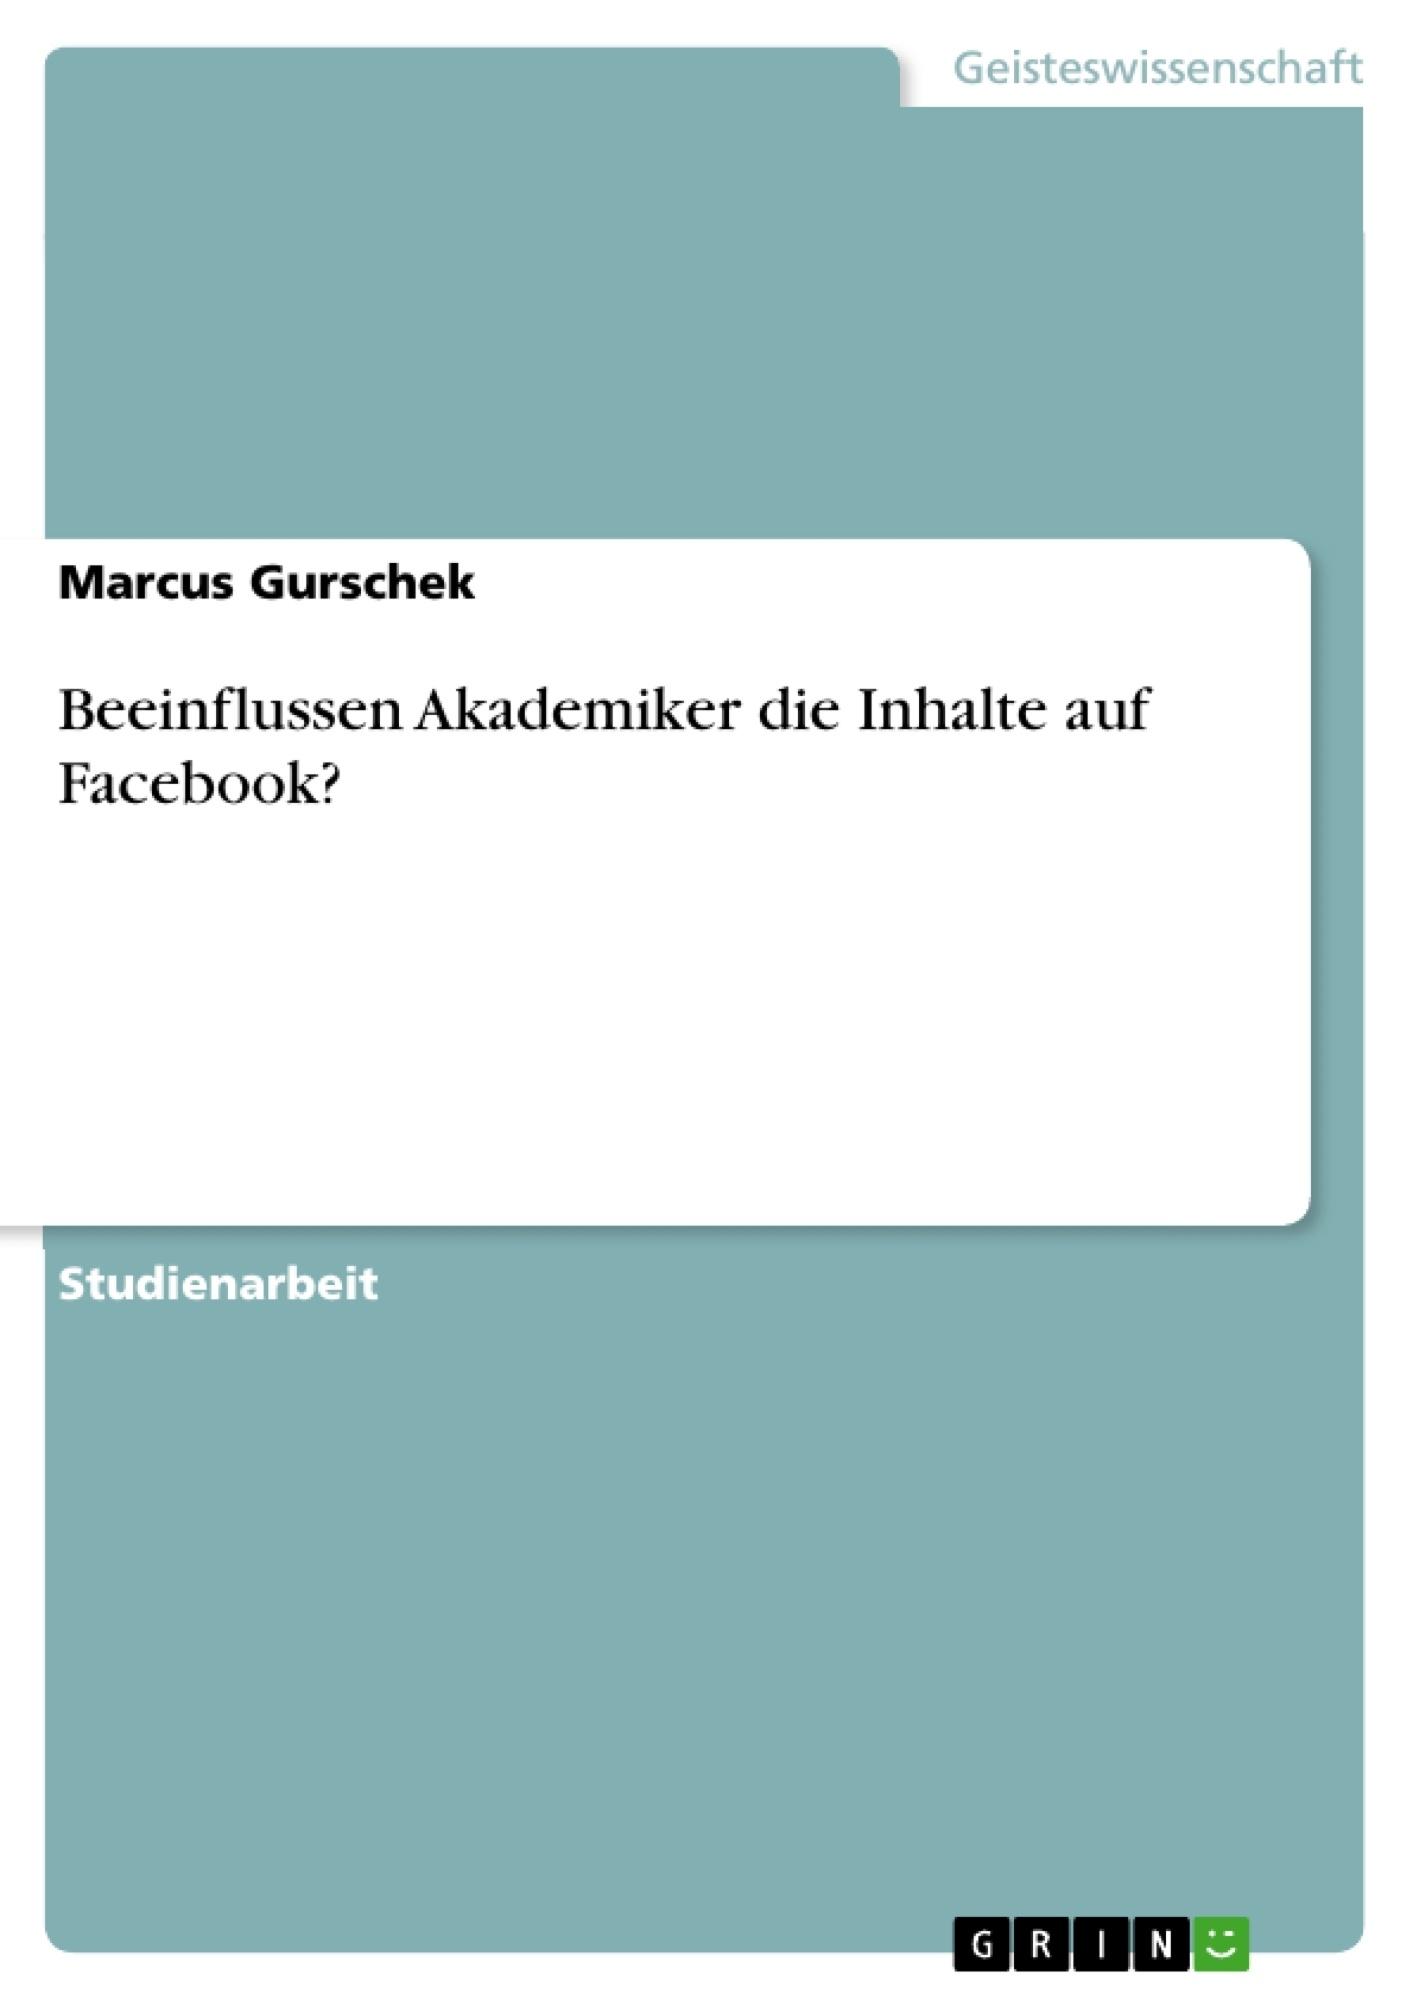 Titel: Beeinflussen Akademiker die Inhalte auf Facebook?